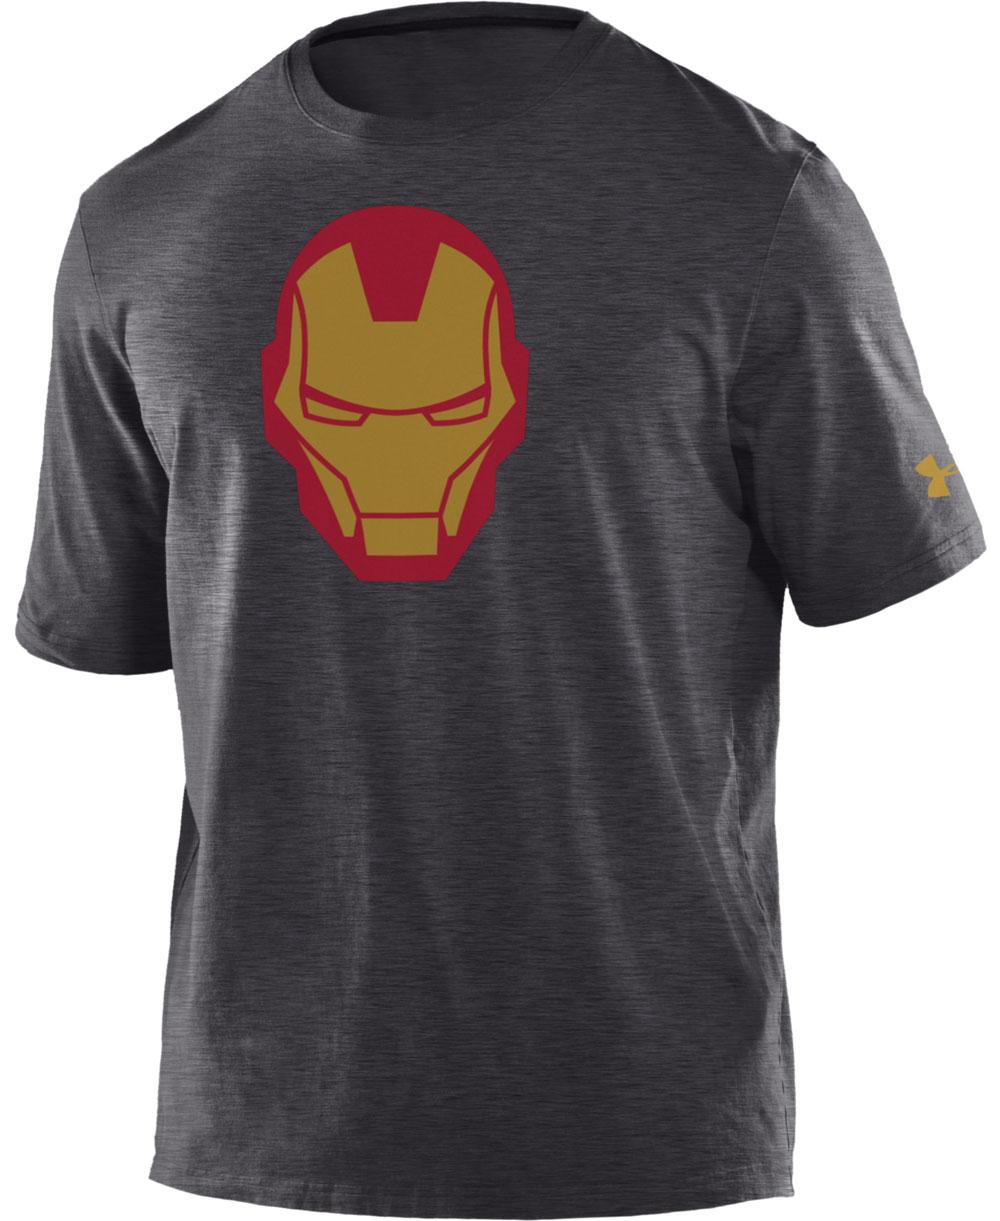 Under Armour Alter Ego Camiseta Manga Corta para Niño Iron Man 0bd6a9327ab47